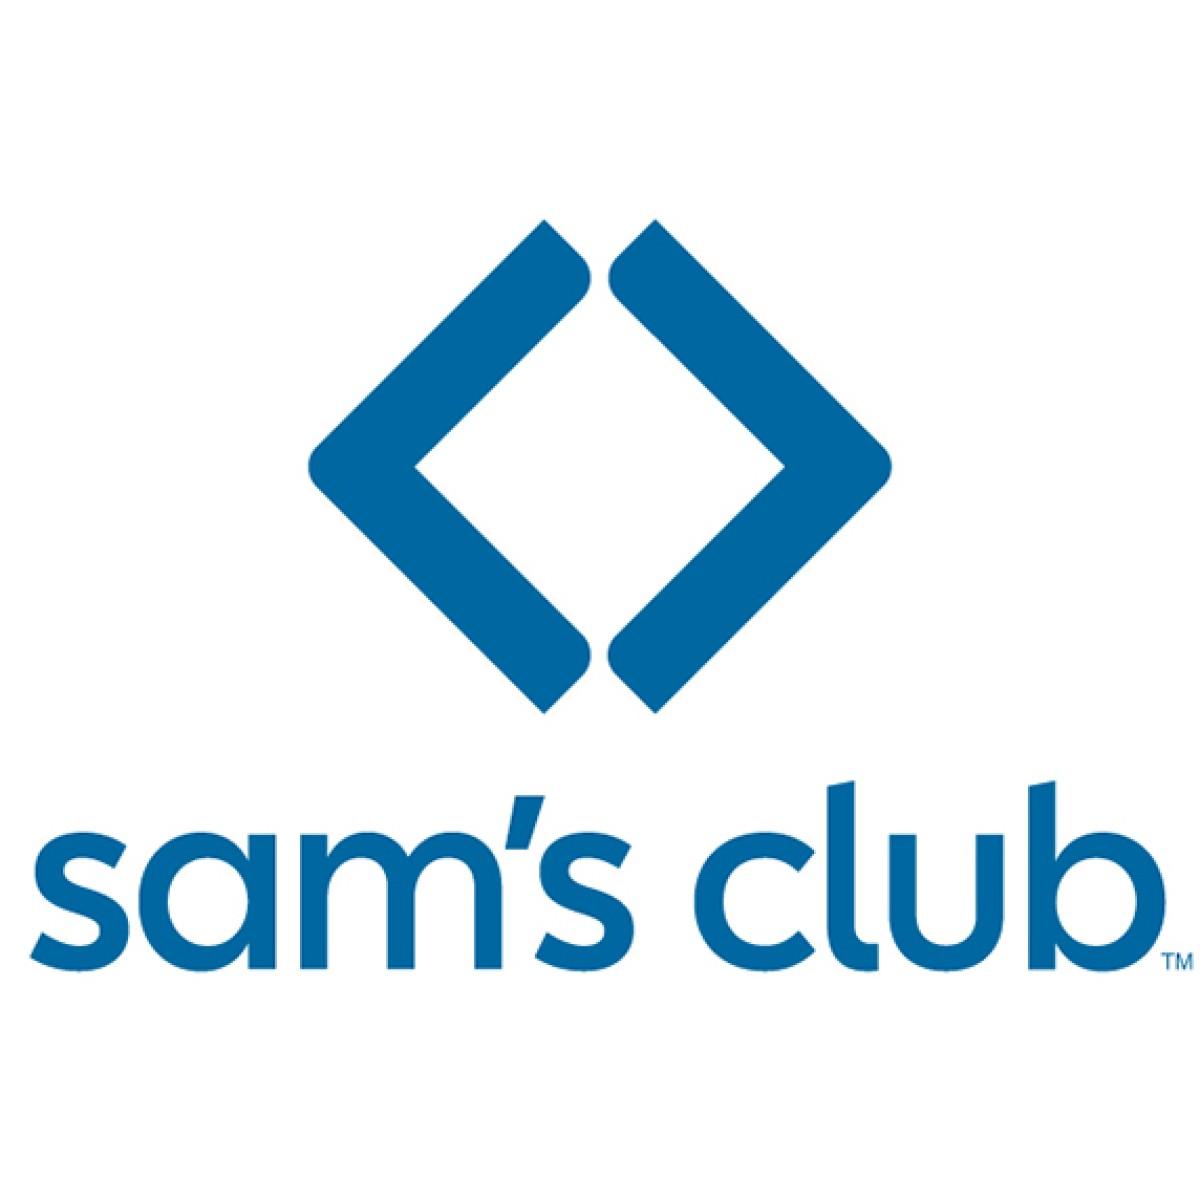 Sam's Club's icon